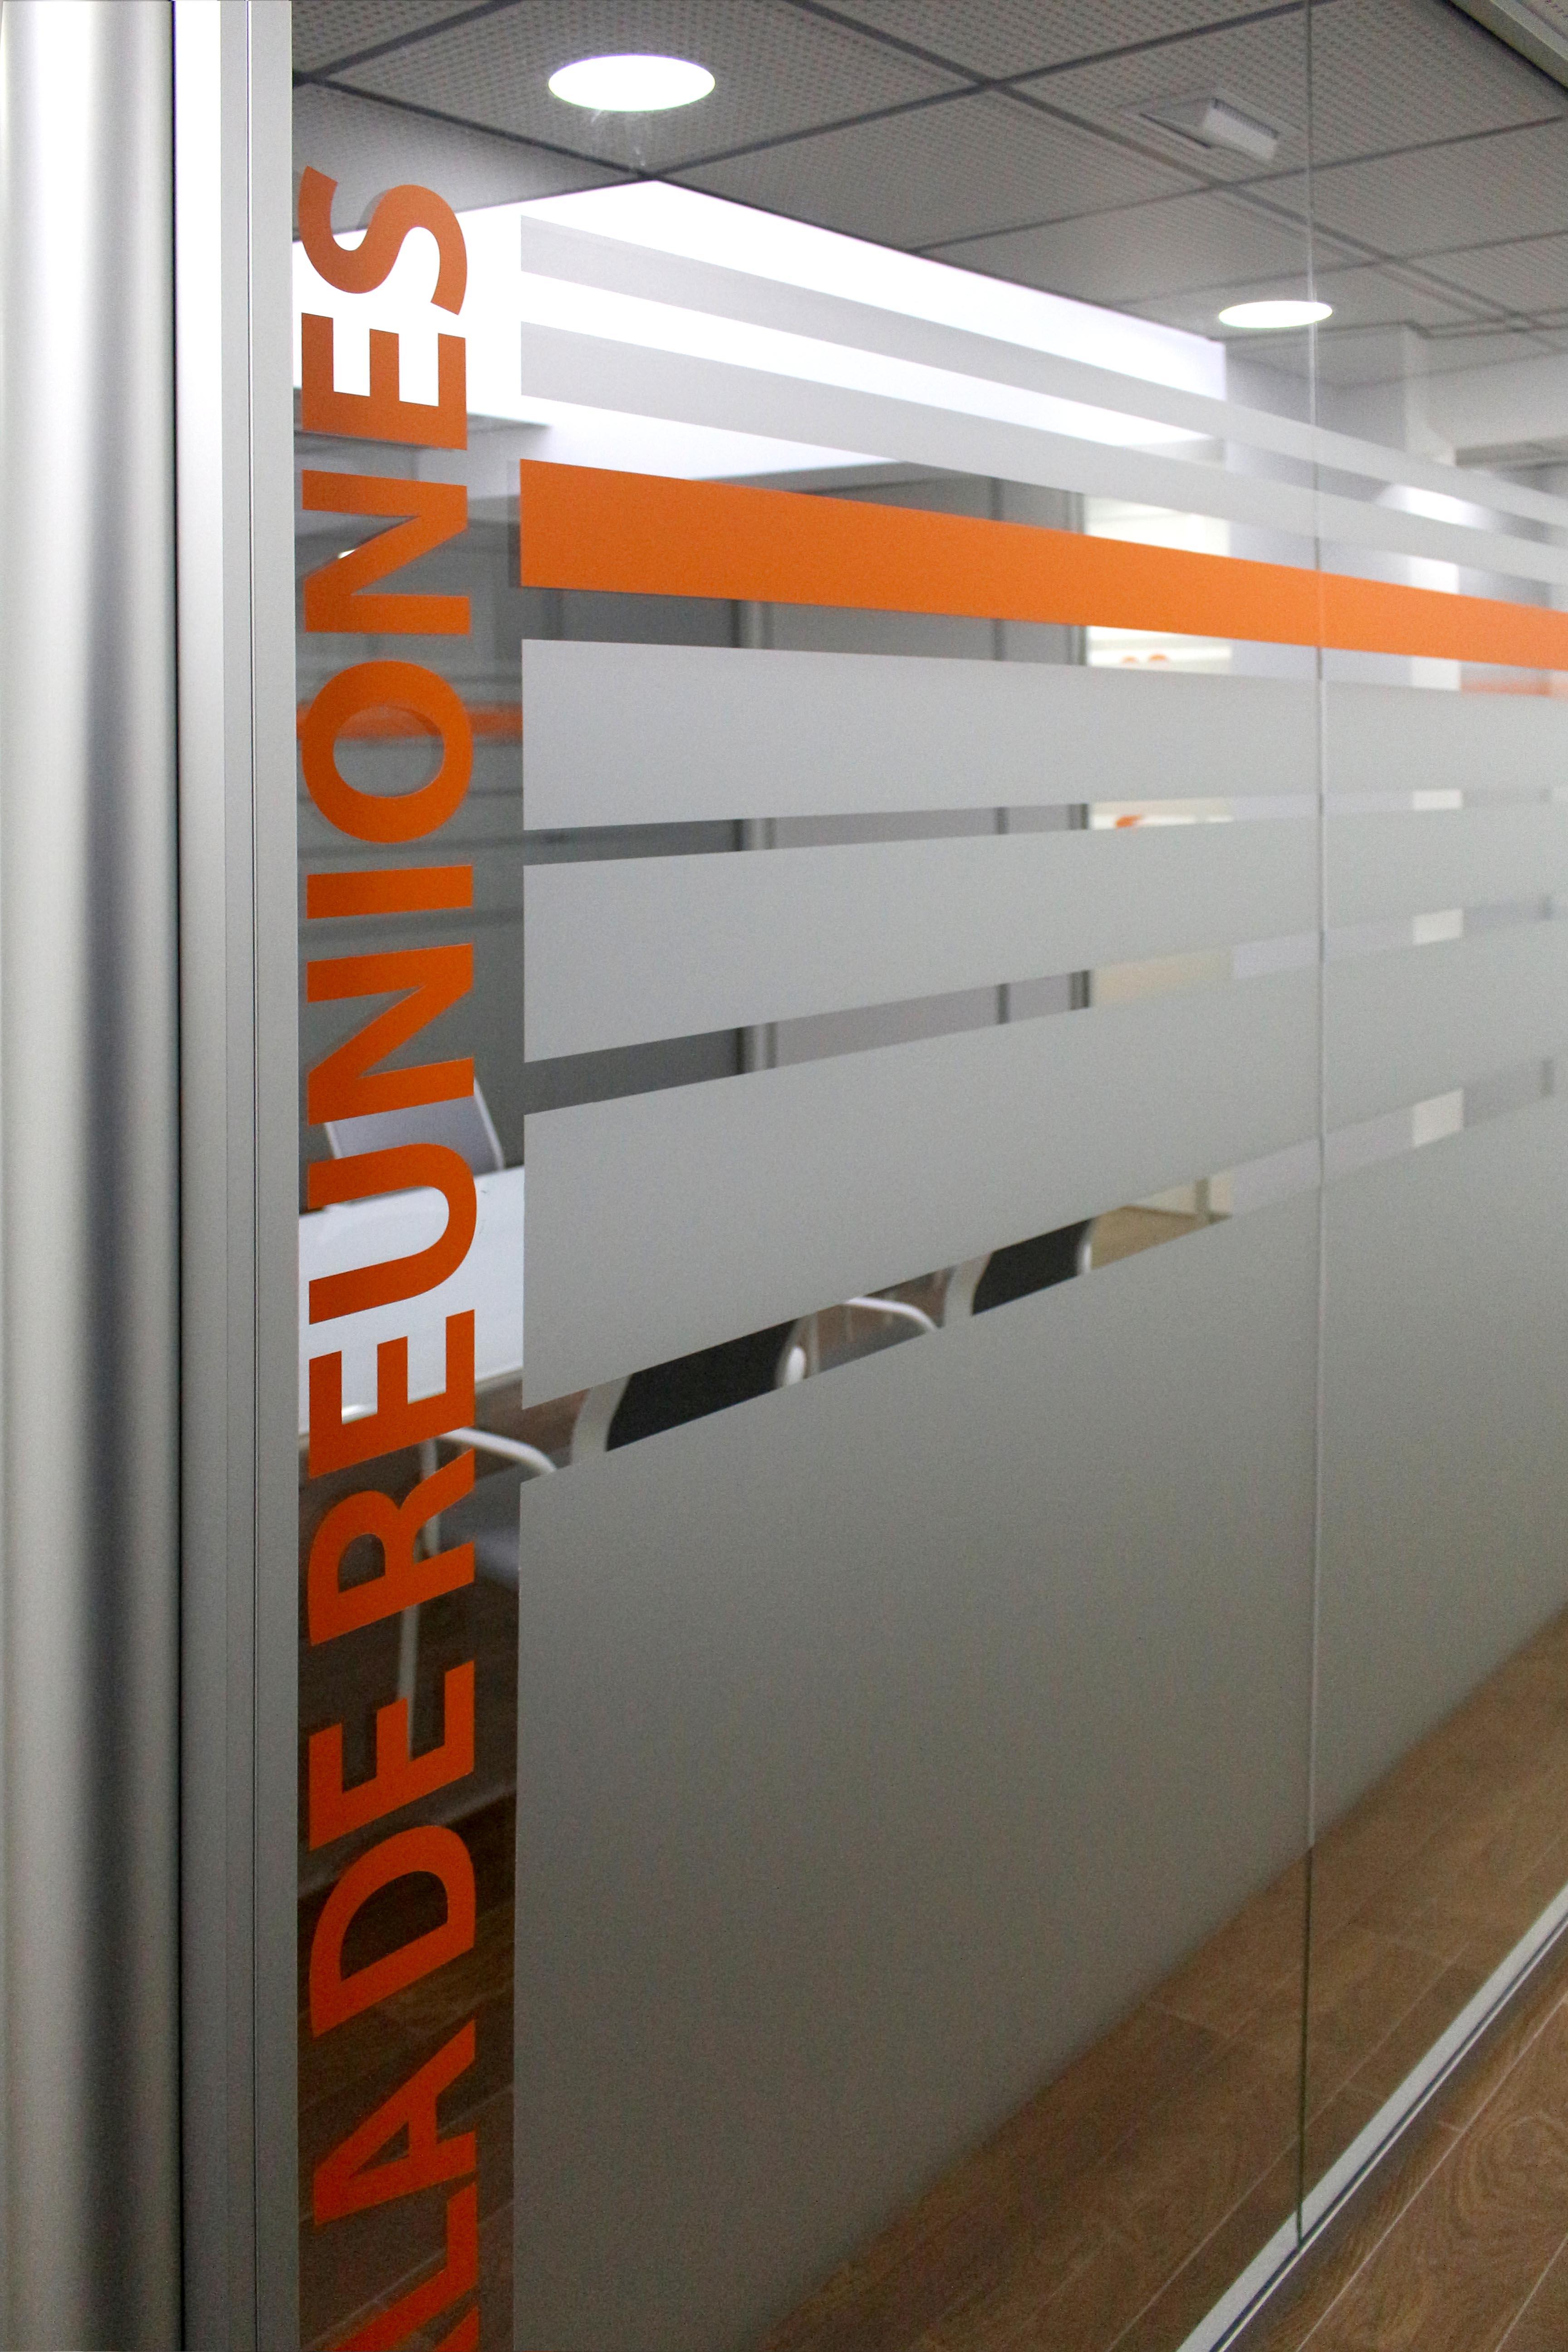 Rotulación y señalización de cristaleras y puertas, Atelier Coworking, Tenerife